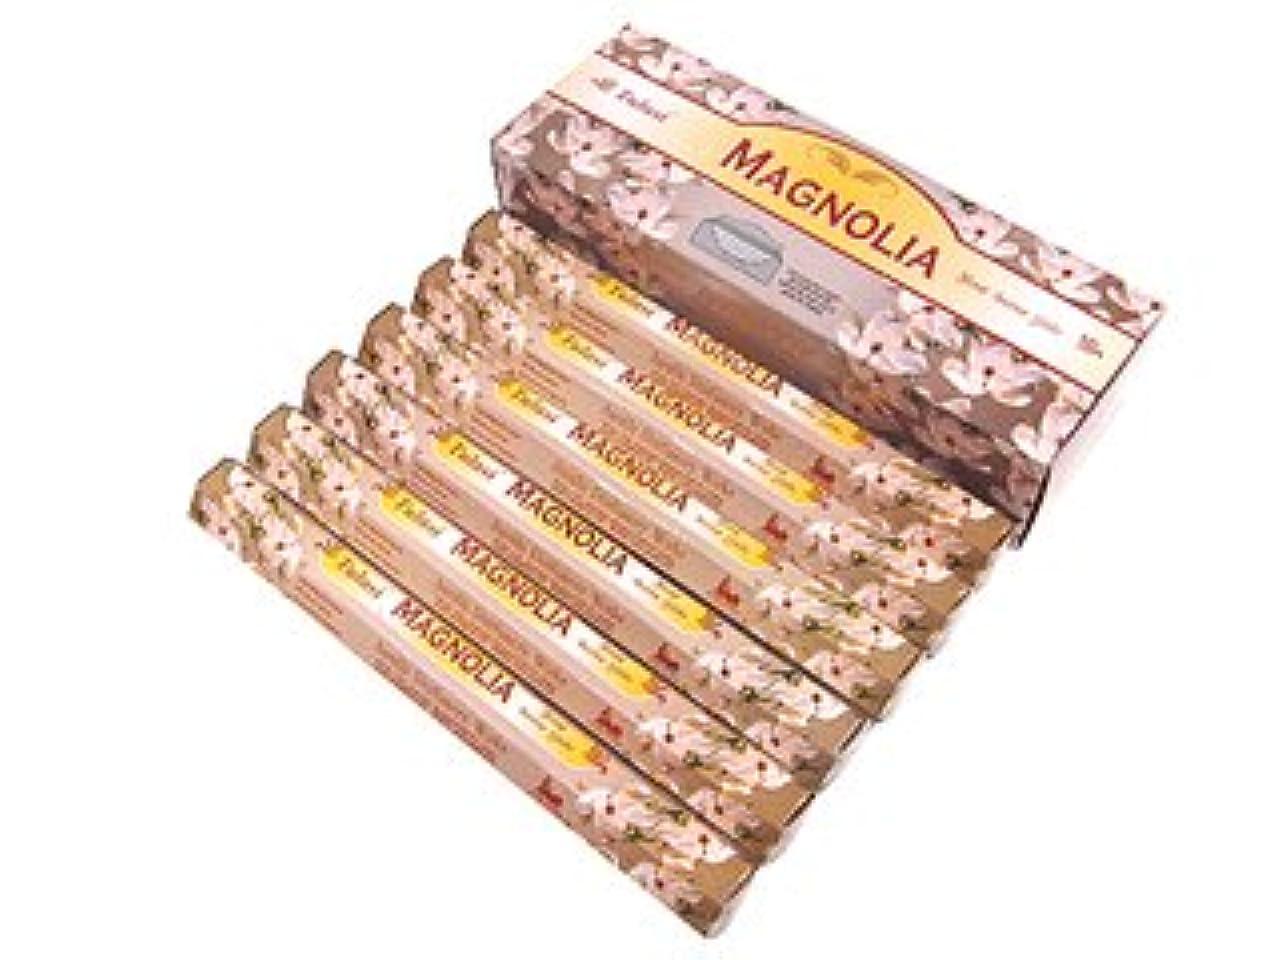 マークされため言葉みすぼらしいTULASI(トゥラシ) マグノリア香 スティック MAGNOLIA 6箱セット